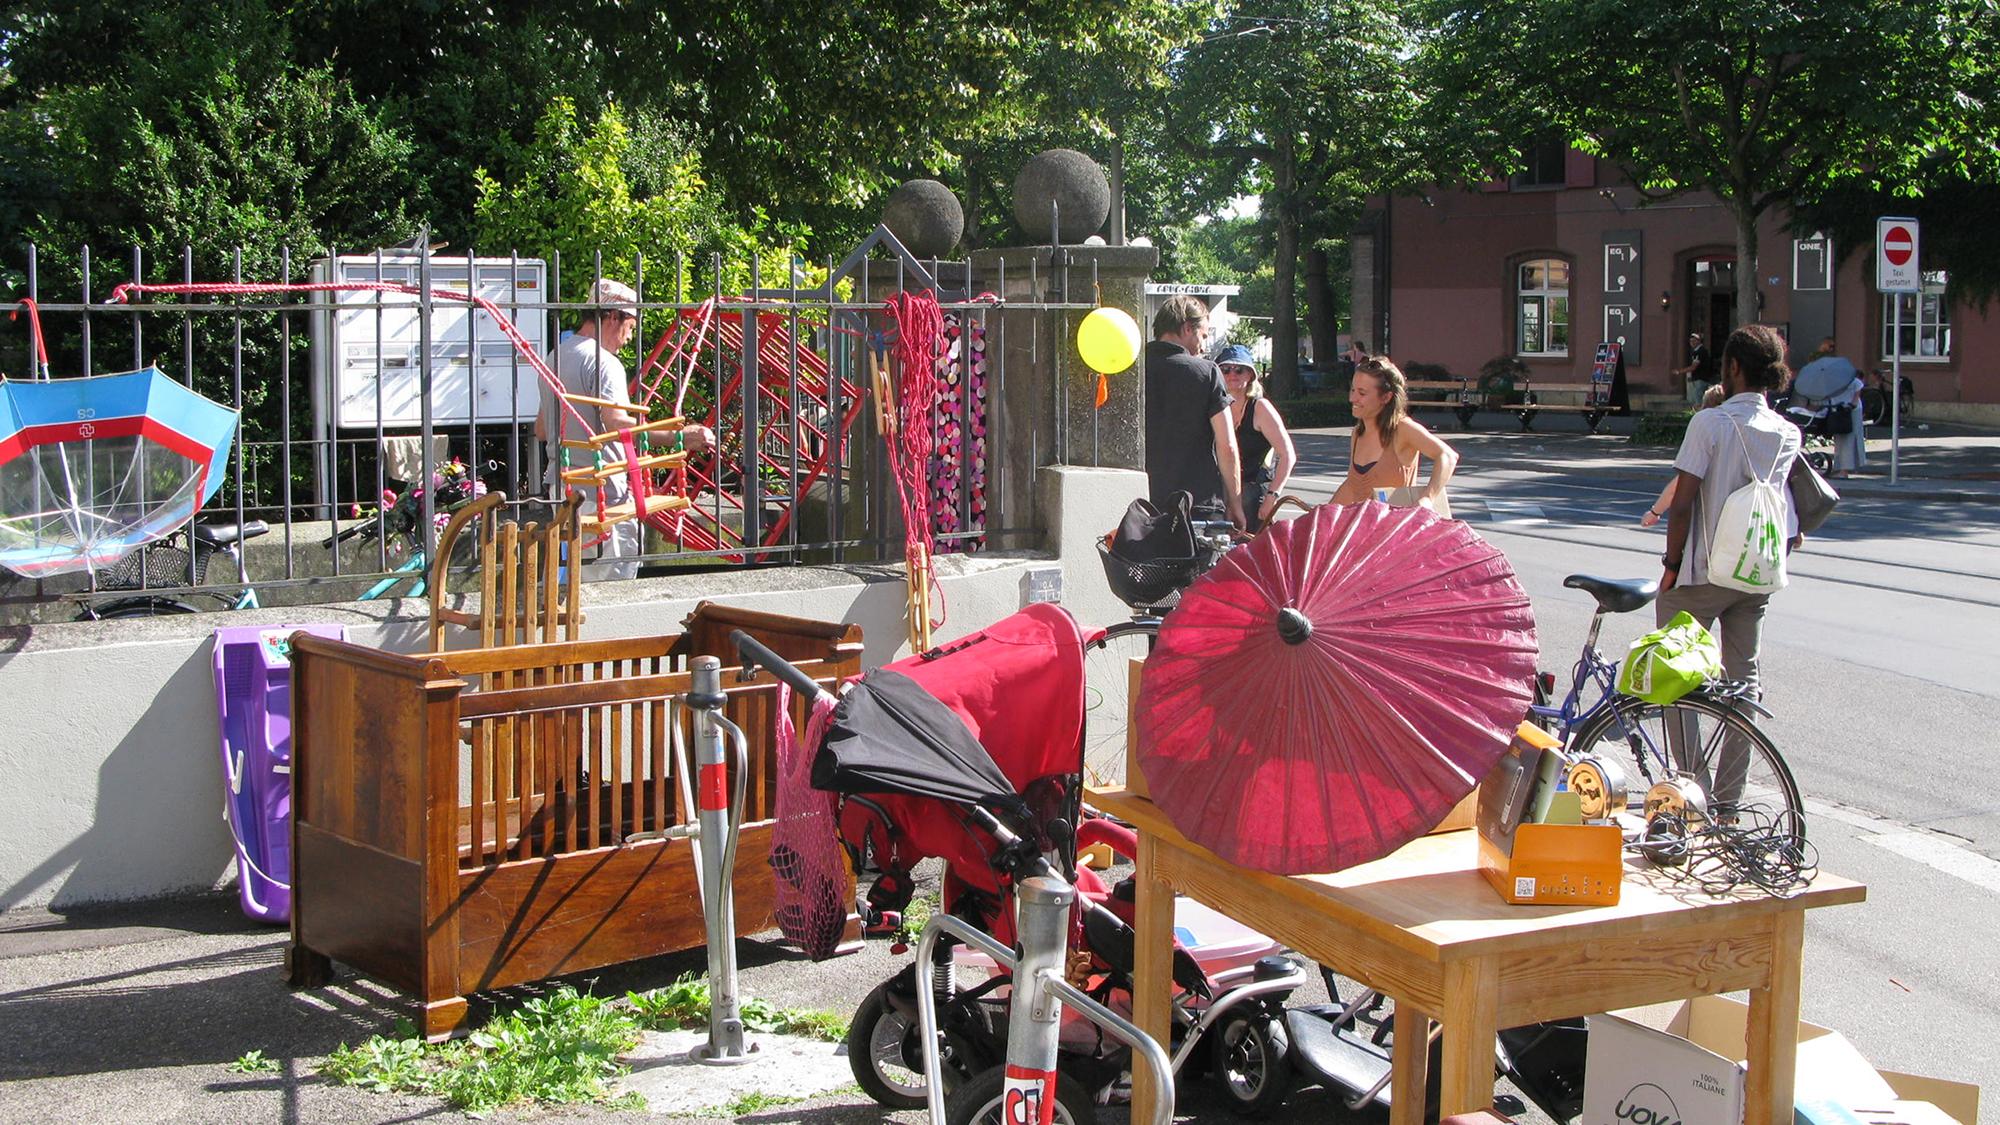 Ein Quartierspaziergang als Shopping-Tour – am Samstag im Kleinbasel.